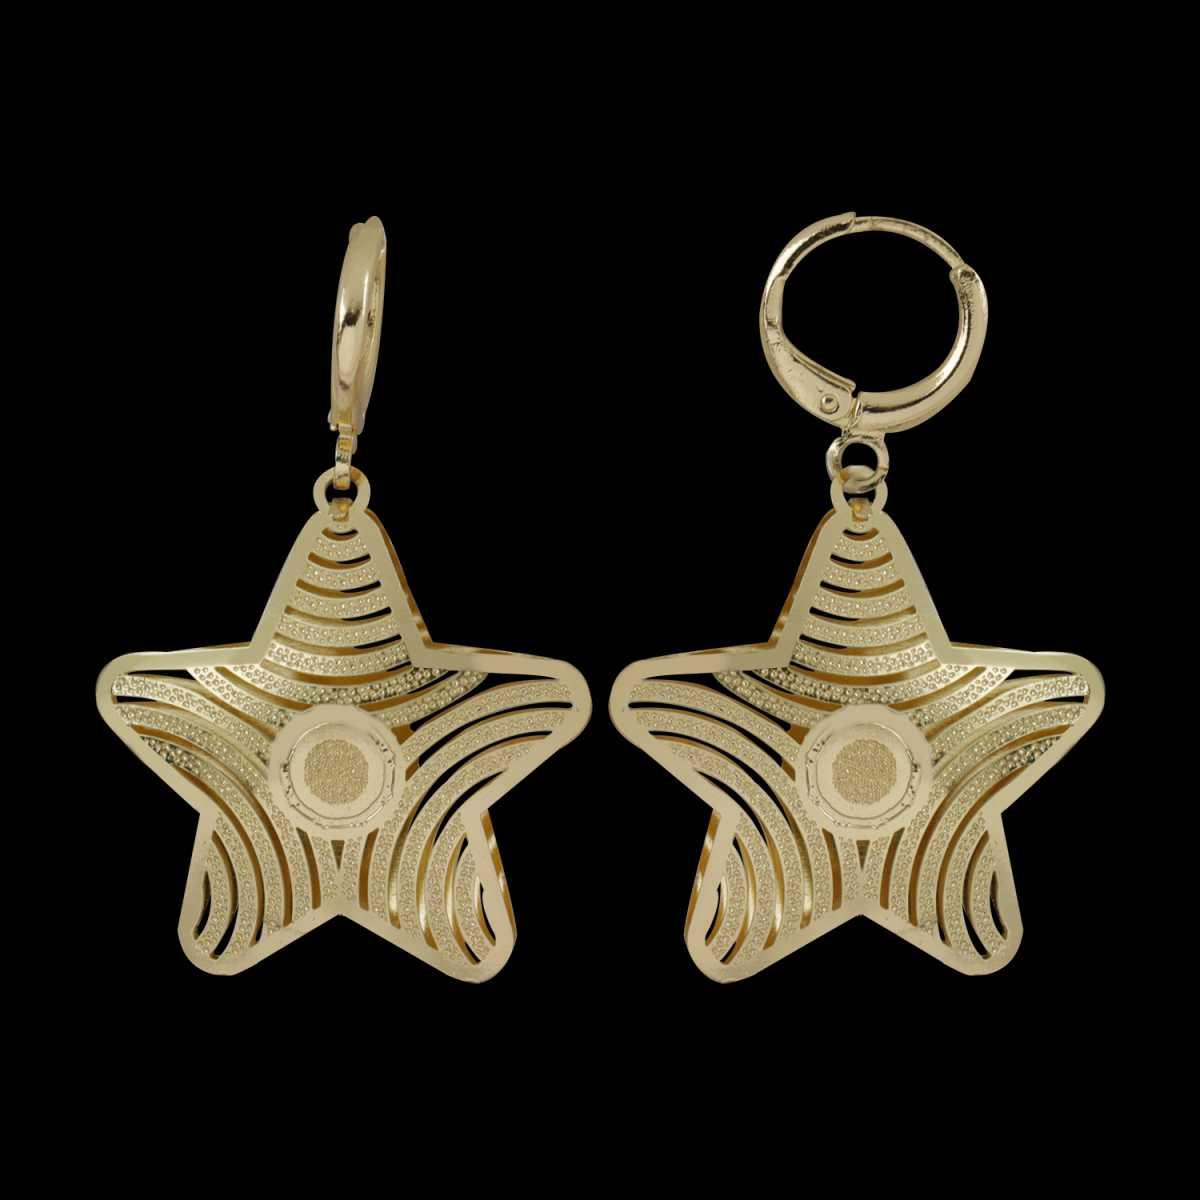 Silver Shine Appealing Golden Star Clip On Bali Earring for Women